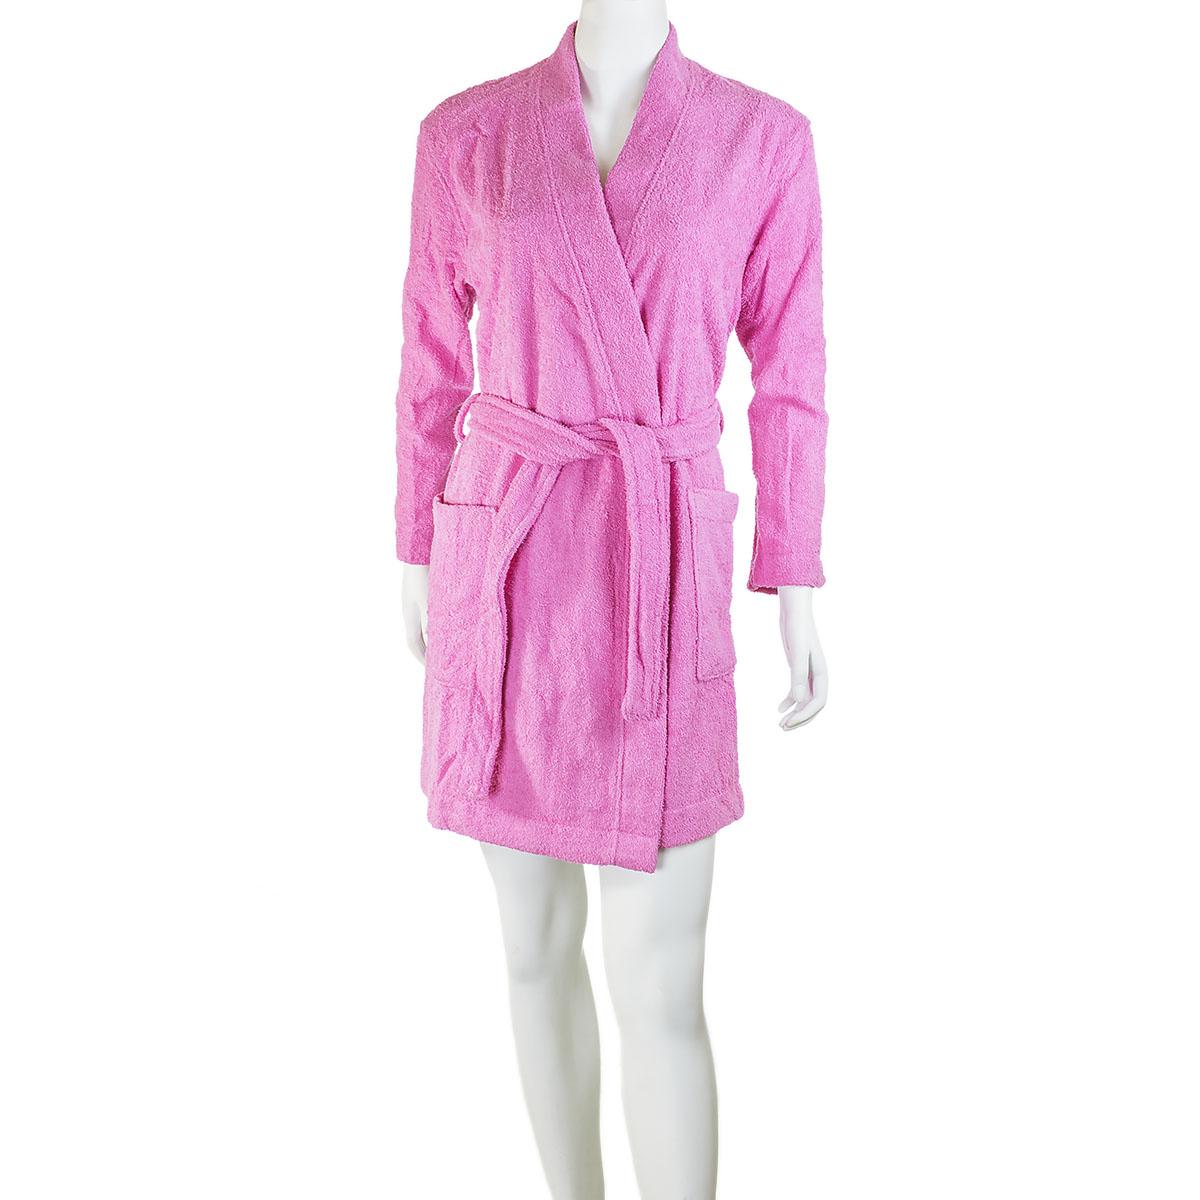 Женский халат «Серейа» Розовый, размер 44Халаты<br>Обхват груди:88 см<br>Обхват талии:69 см<br>Обхват бедер:96 см<br>Рост:164-170 см<br><br>Тип: Жен. халат<br>Размер: 44<br>Материал: Махра